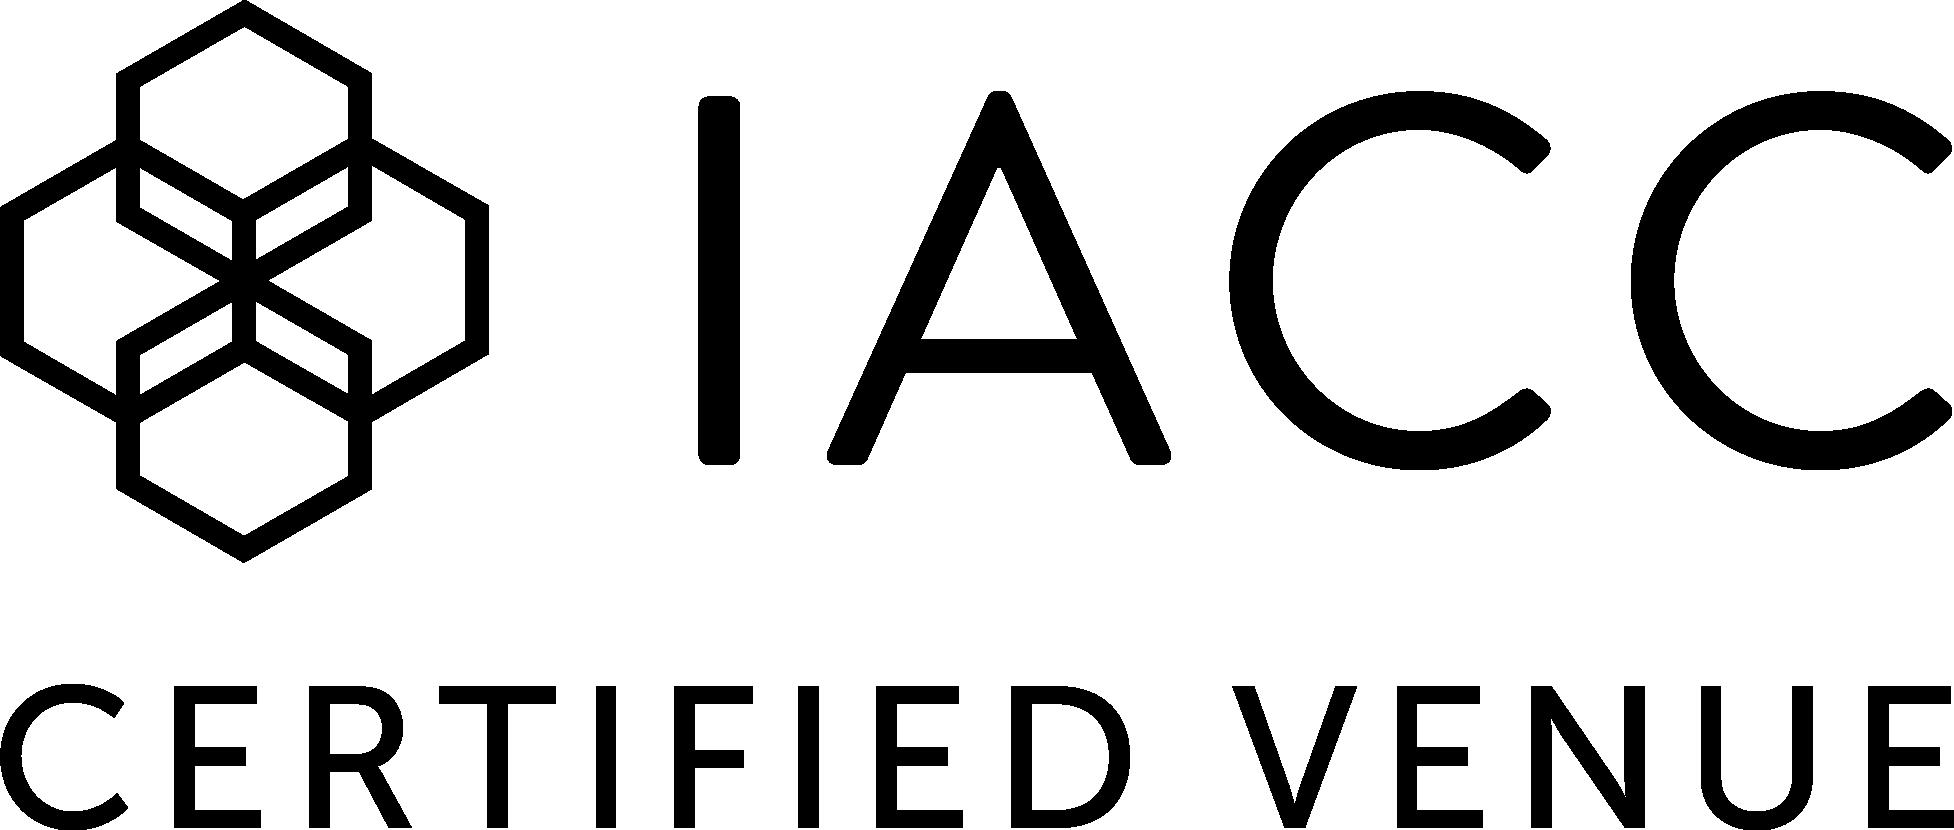 IACC Certified Venue logo